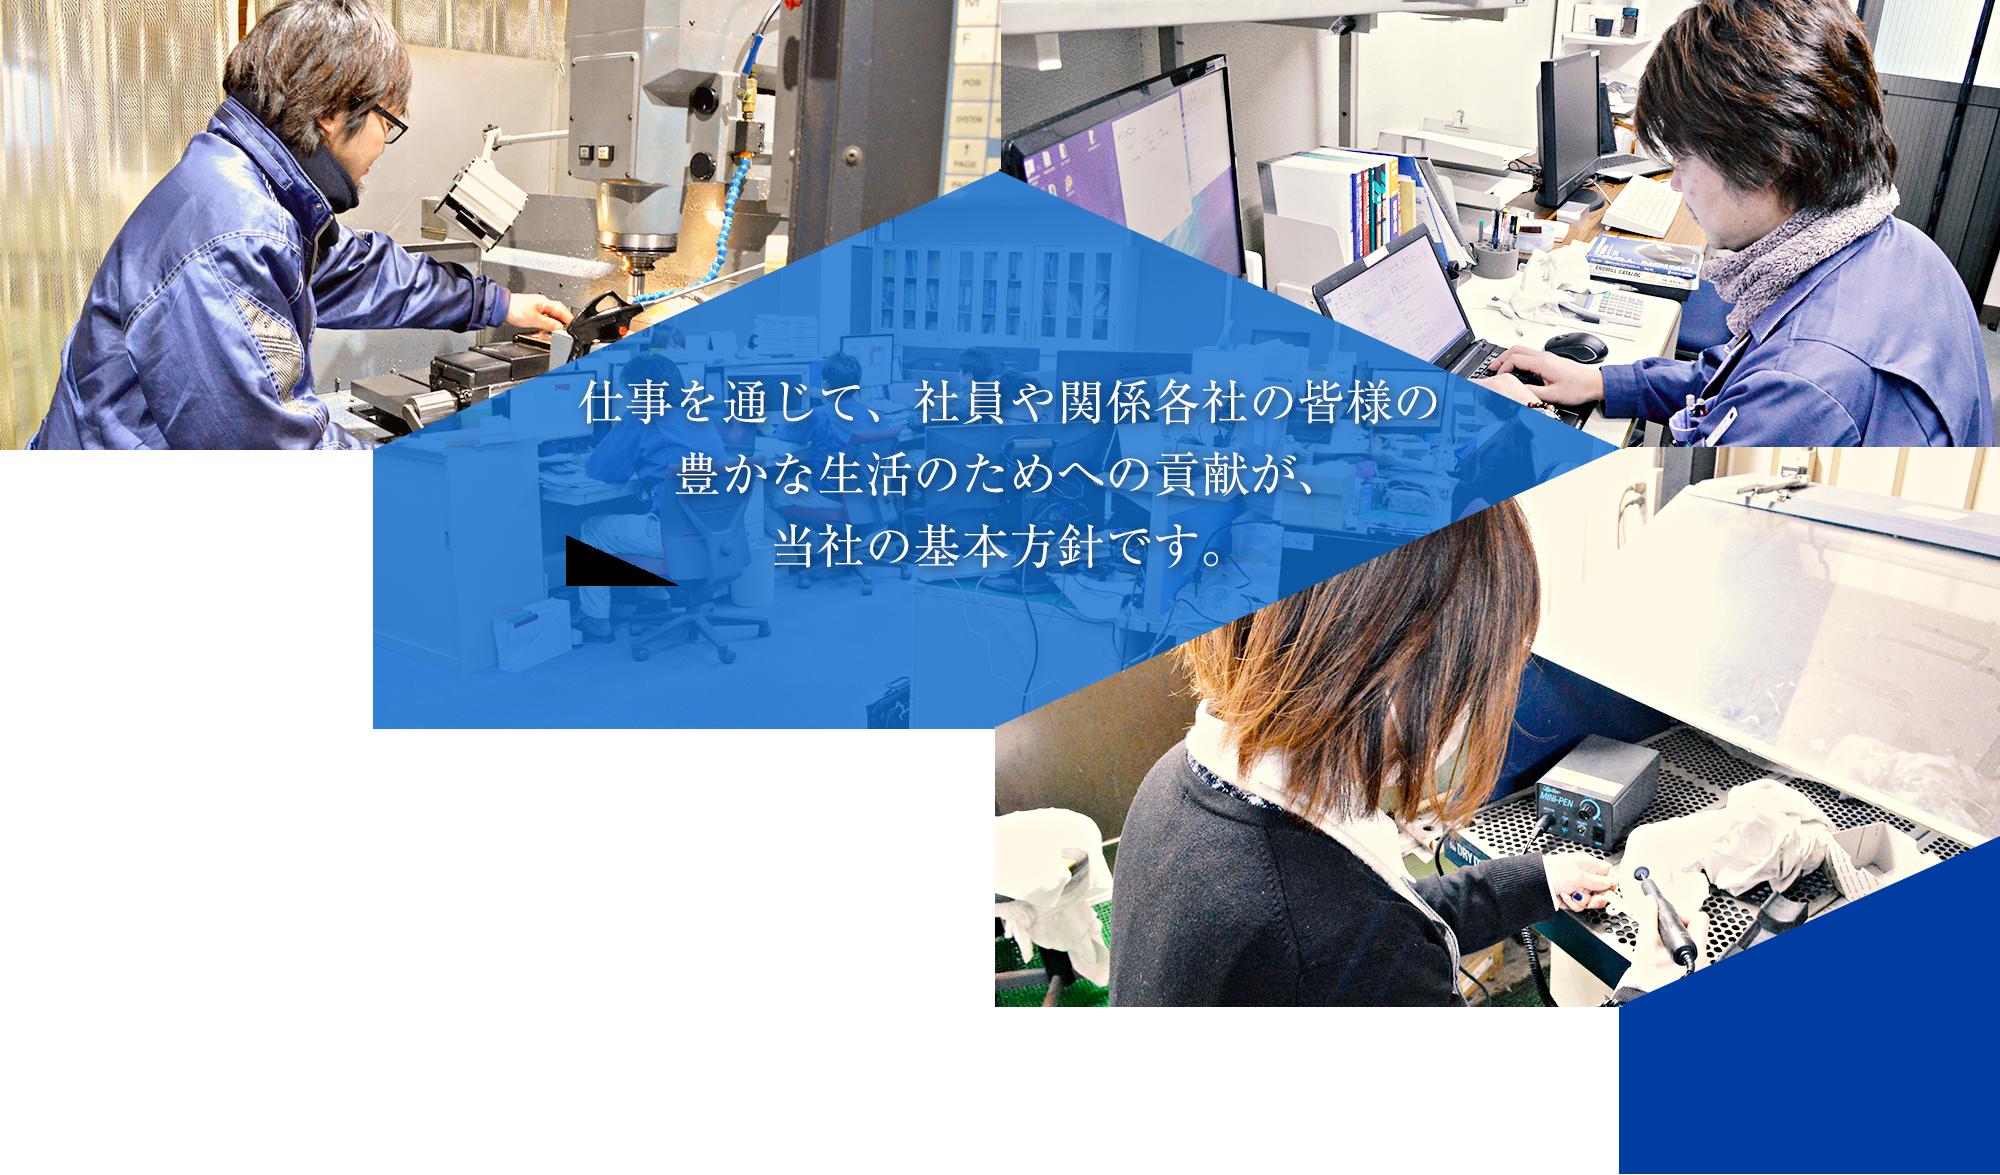 仕事を通じて、社員や関係各社の皆様の豊かな生活のためへの貢献が、当社の基本方針です。